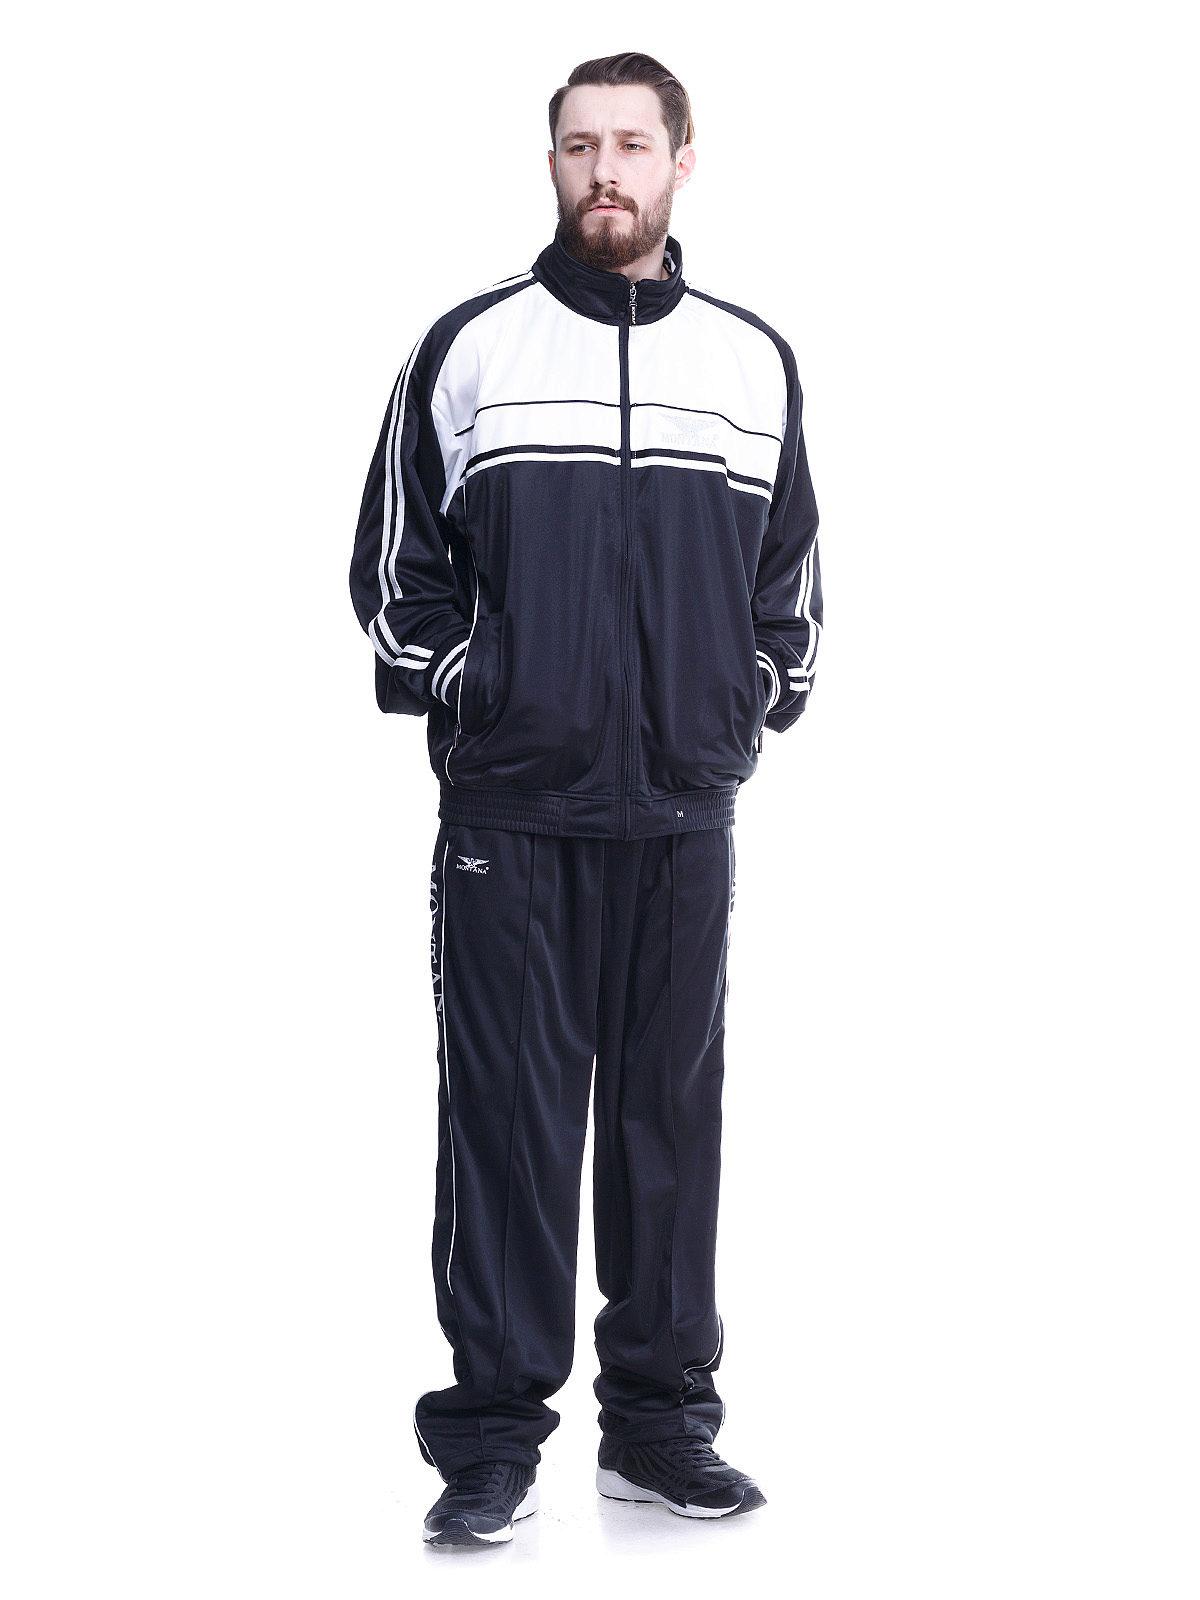 096bd69f5592 Летом легкие, а зимой утепленные. Помимо этого существуют спортивные костюмы  для улицы и для спортзала. Для многих спортивный костюм – это повседневная  ...